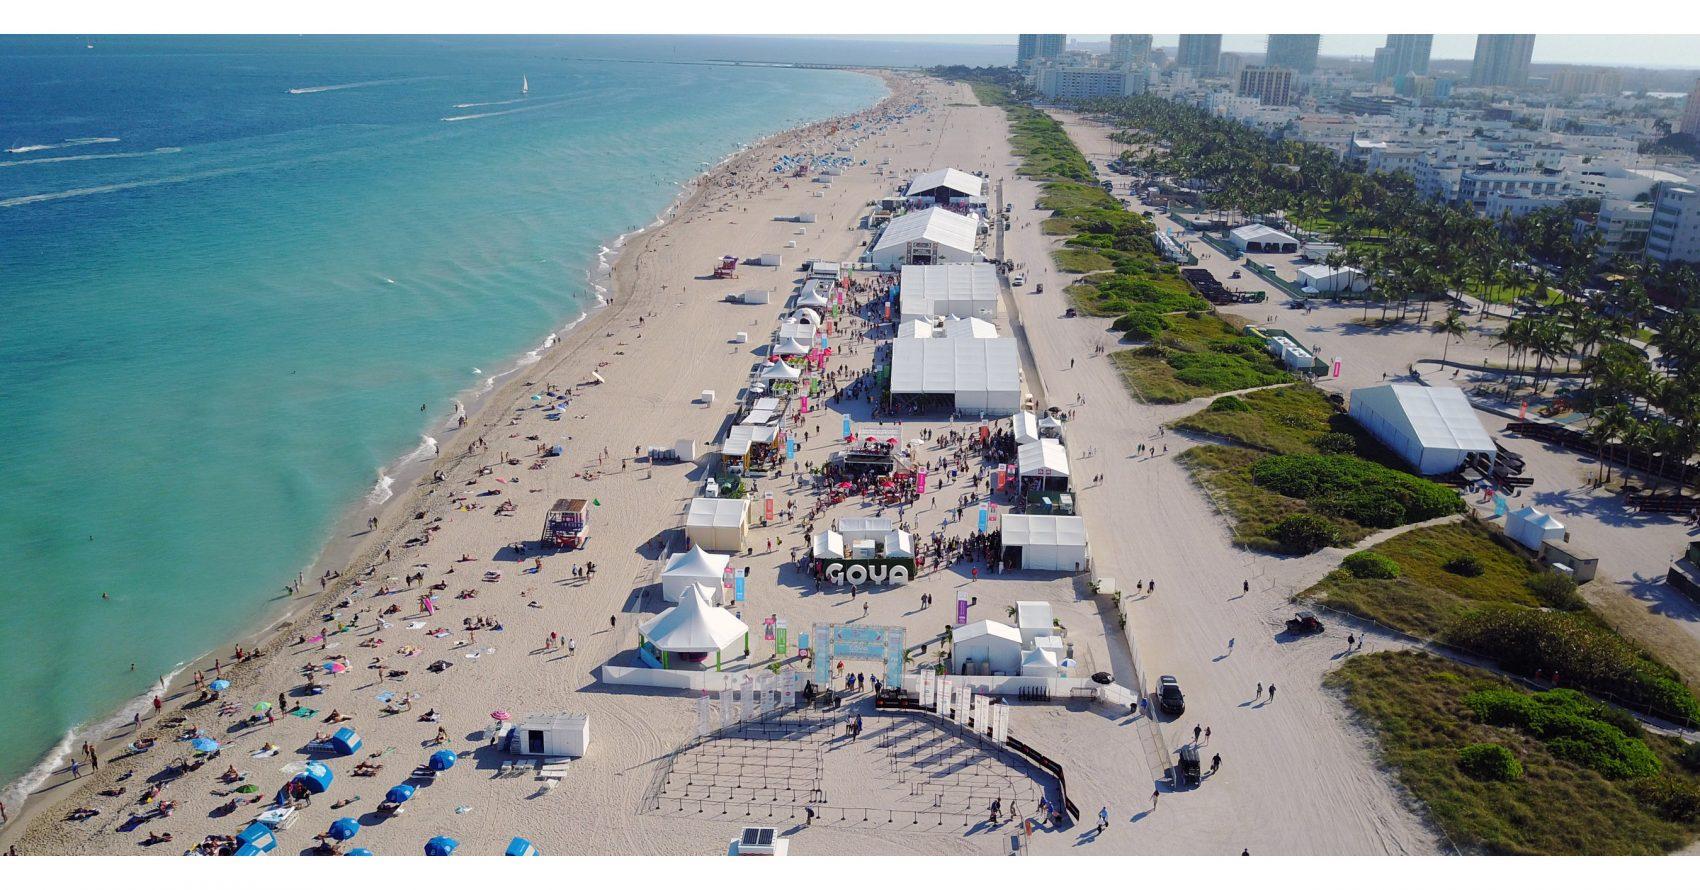 agenda annuel sobewff south beach wine and food festival évènements annuels à Miami quand venir à Miami meilleurs événements à miami et miami beach blog miami off road